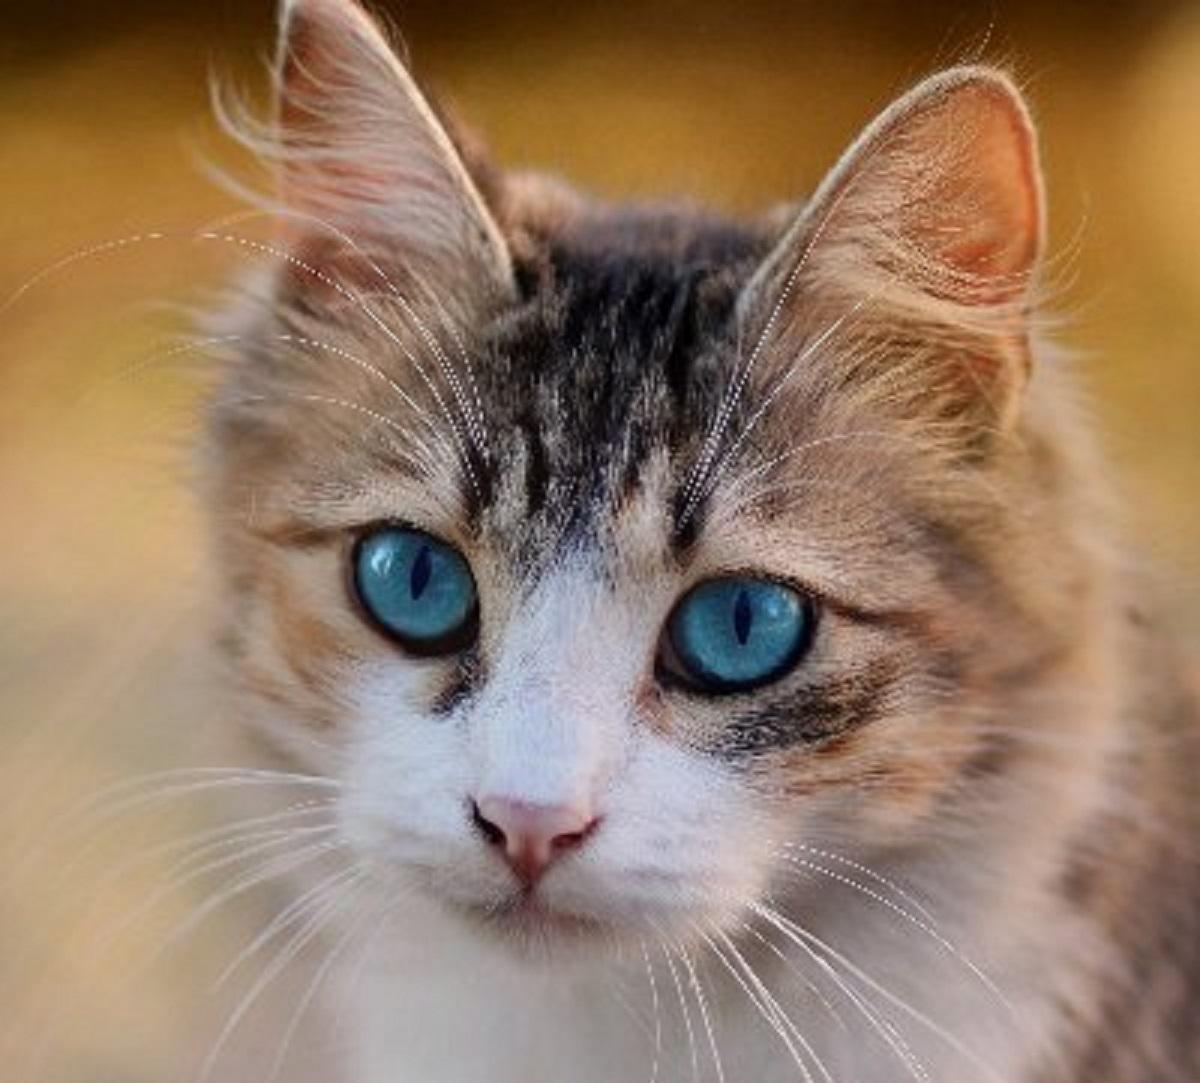 gatti conoscono noi e cosa facciamo